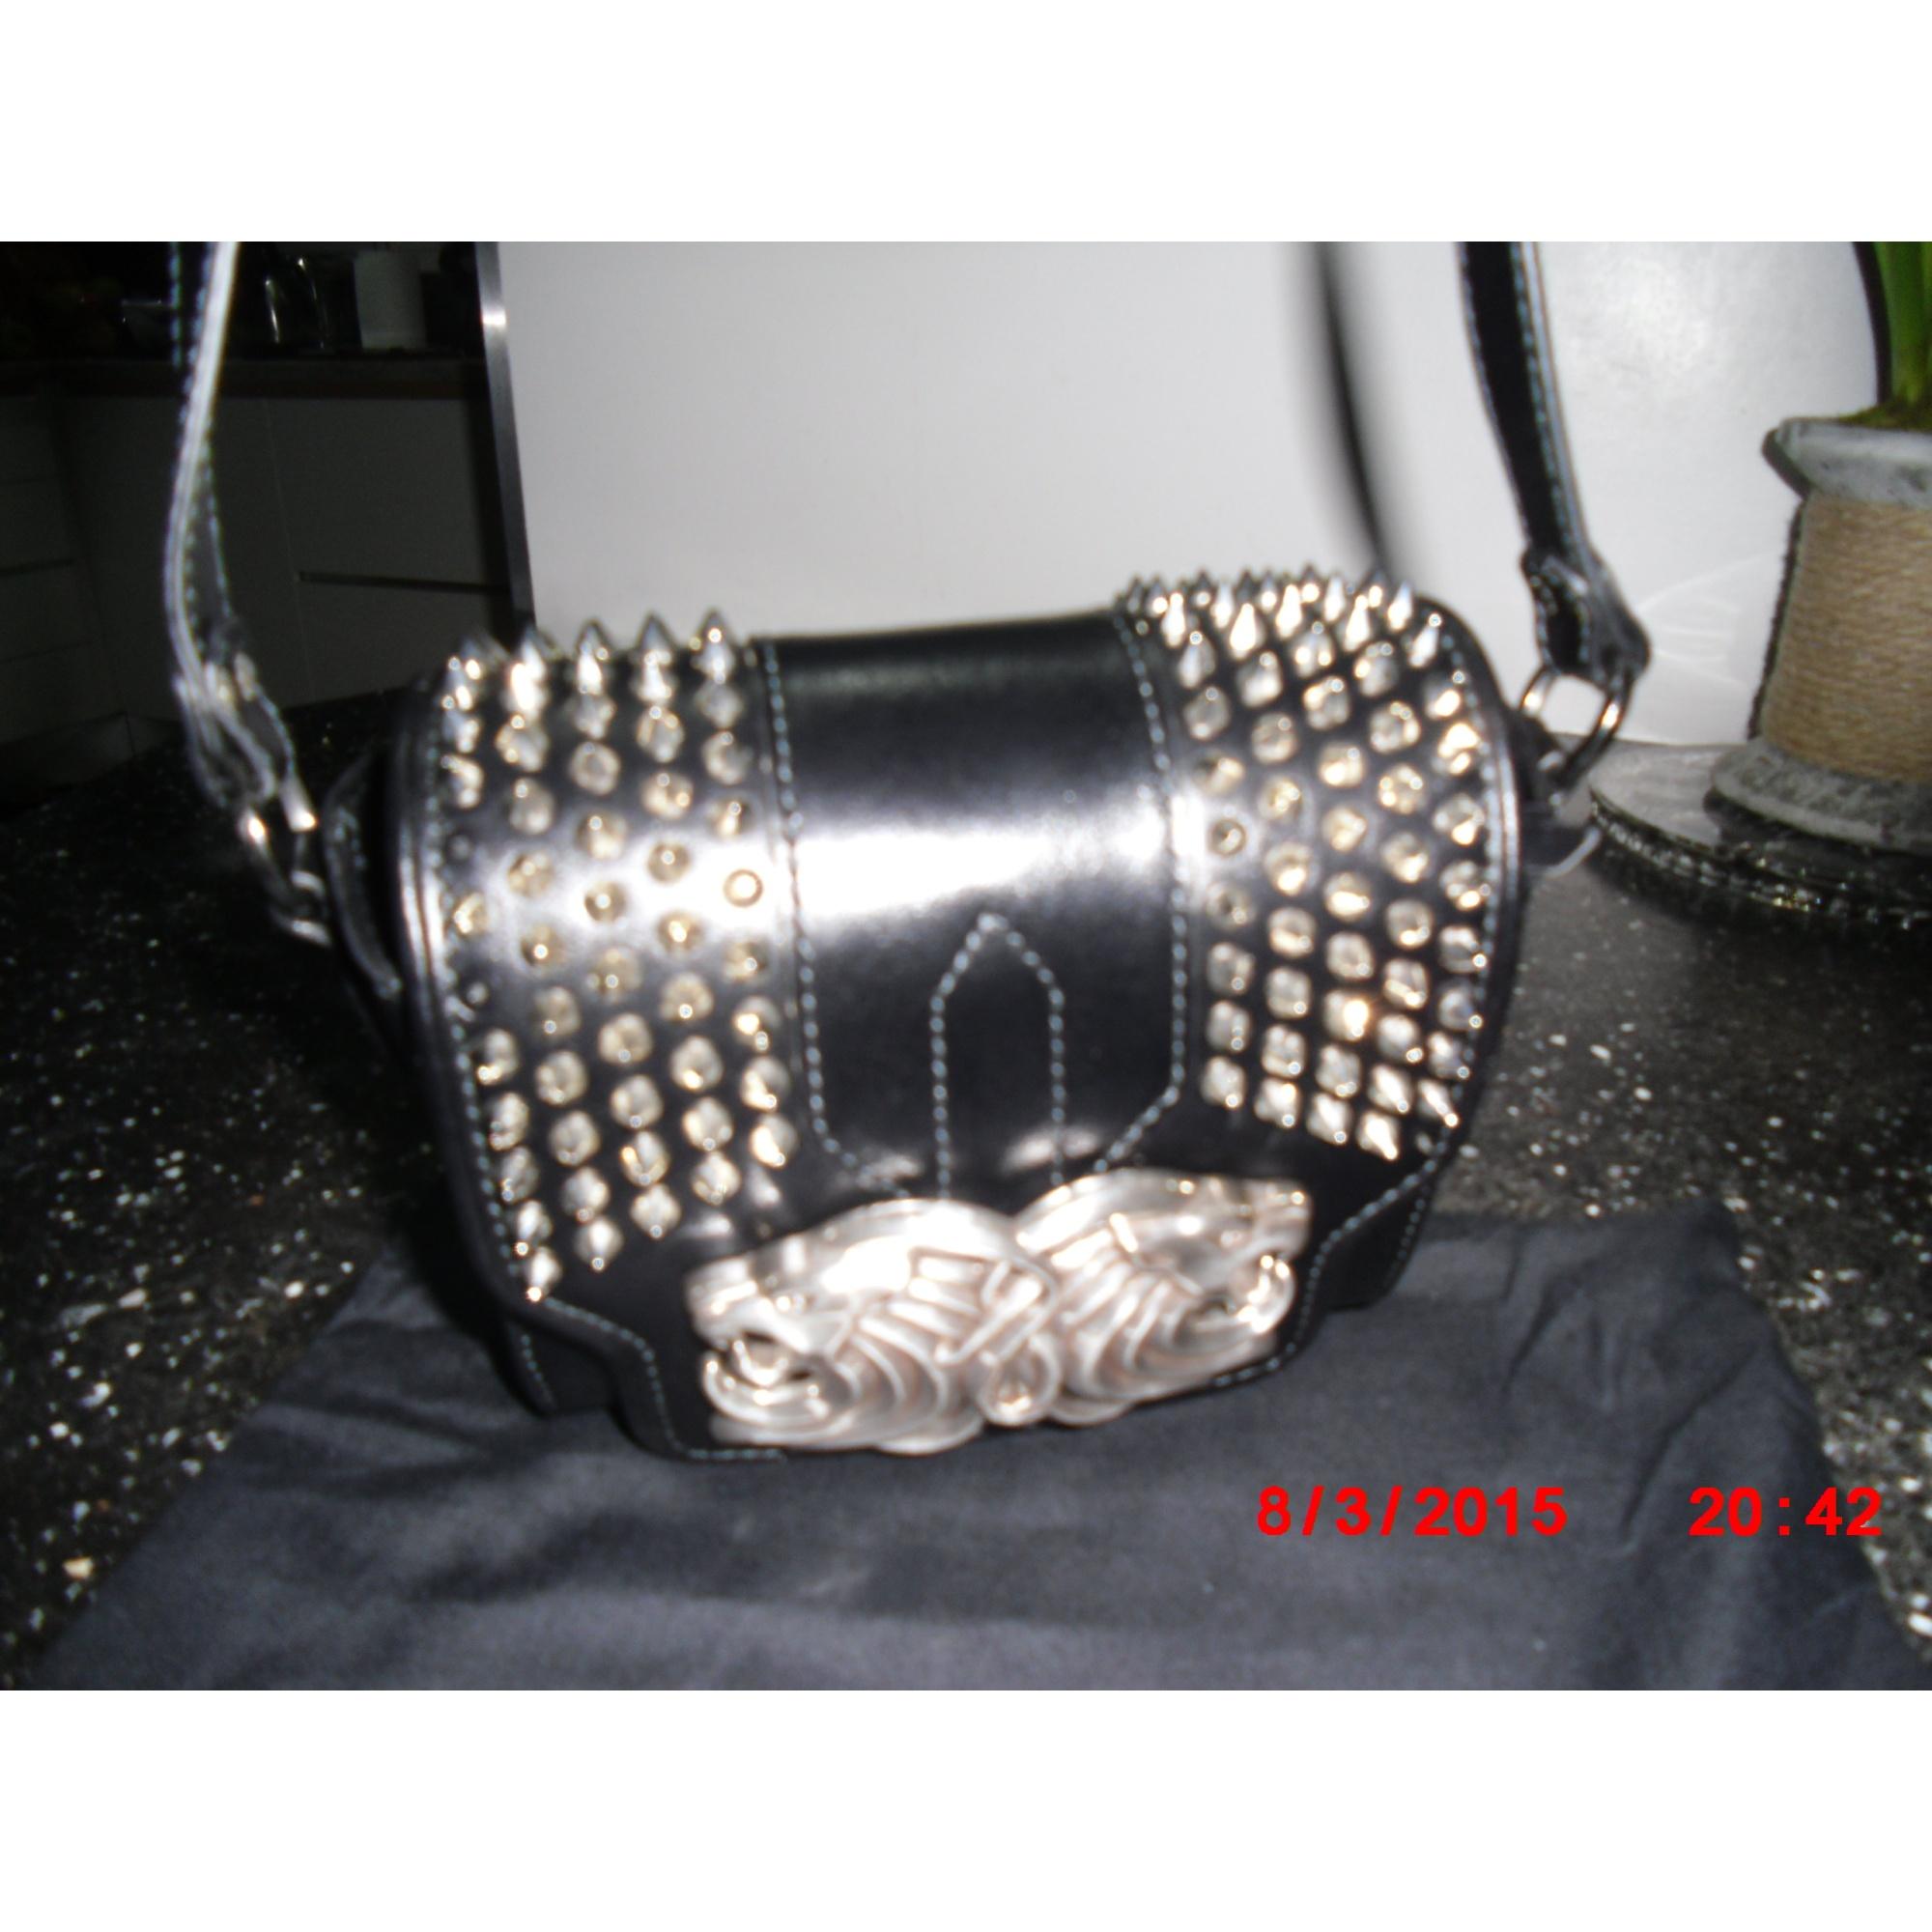 dd9fa7e686 Sac en bandoulière en cuir THE KOOPLES noir vendu par Douce83 - 3446825